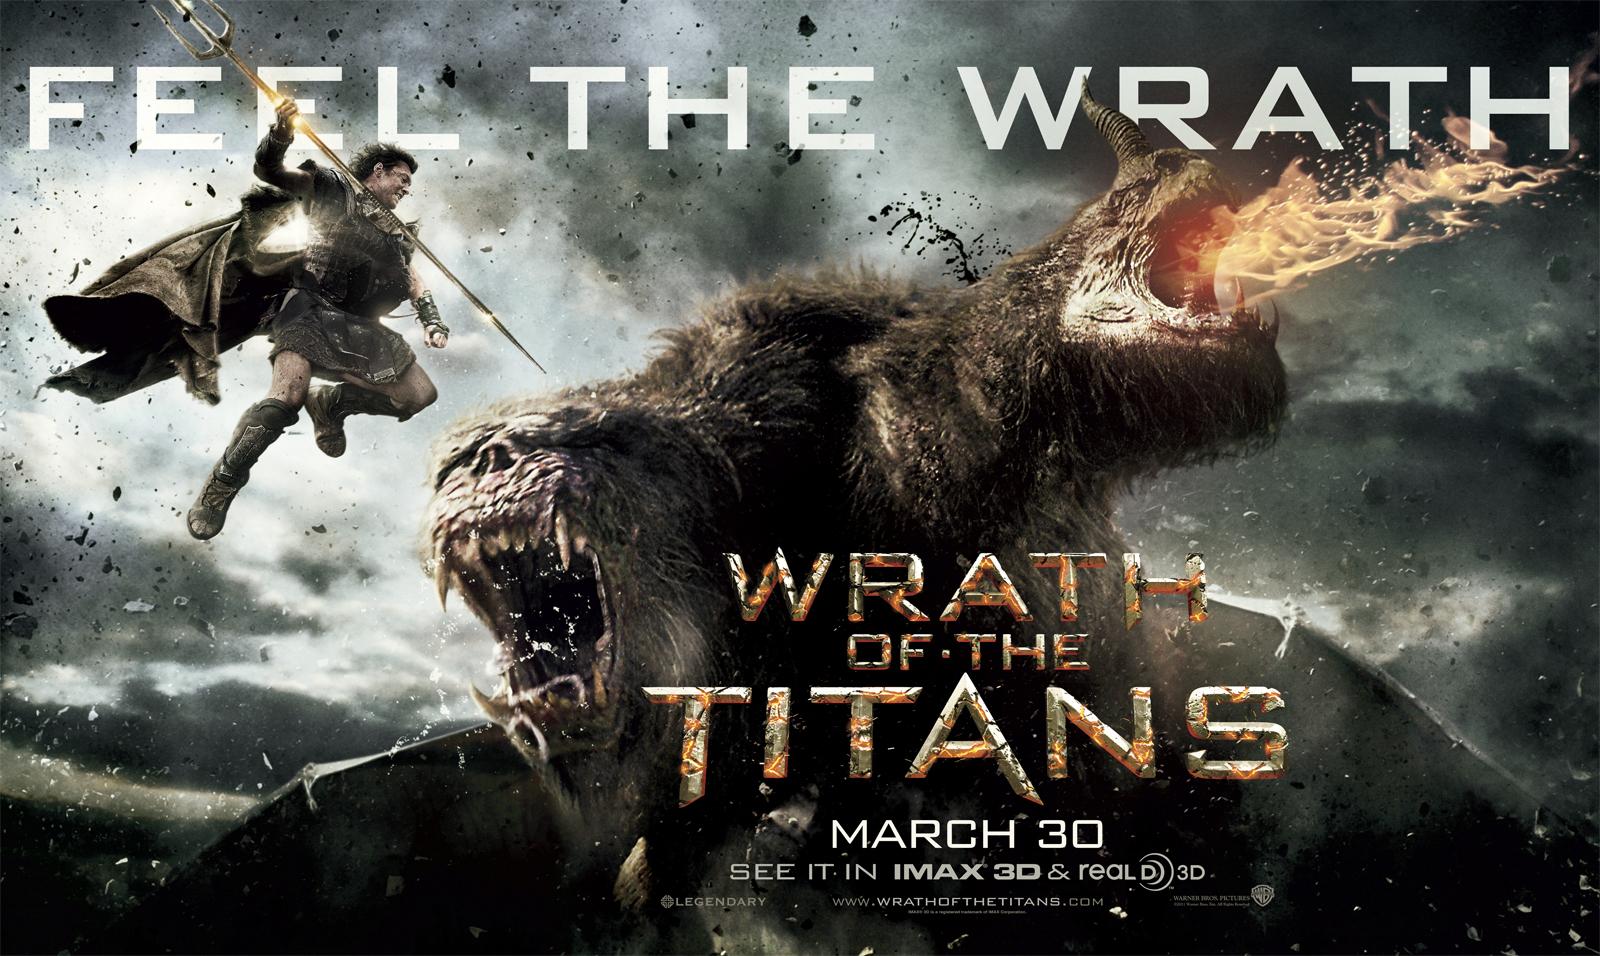 http://2.bp.blogspot.com/-banu_gS3tpA/TyLciANC5KI/AAAAAAAAAcA/pPQHY0brnx8/s1600/wrath-of-the-titans-banner-poster.jpg